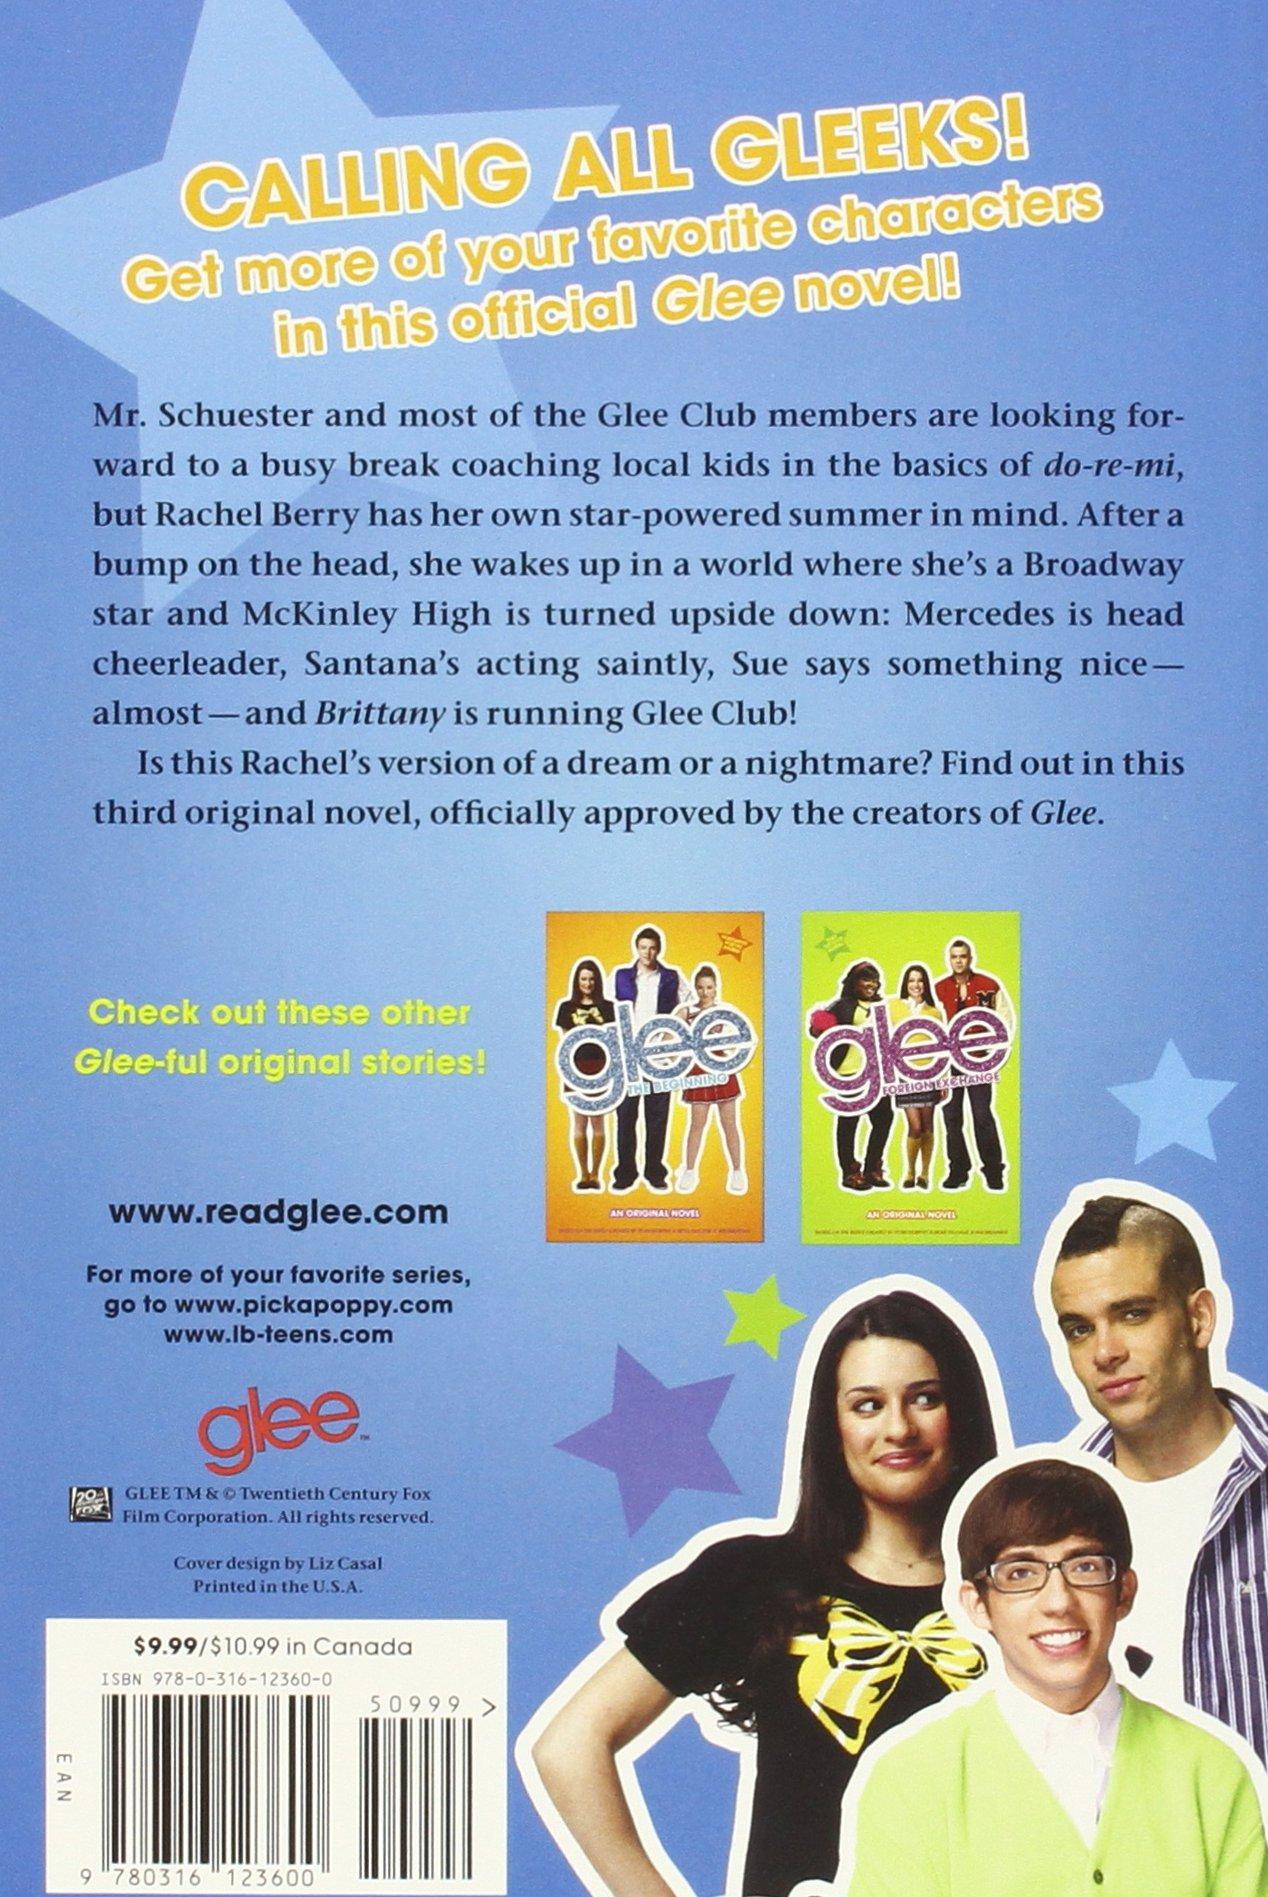 Amazon.com: Glee: Summer Break: An Original Novel (9780316123600): Sophia  Lowell: Books